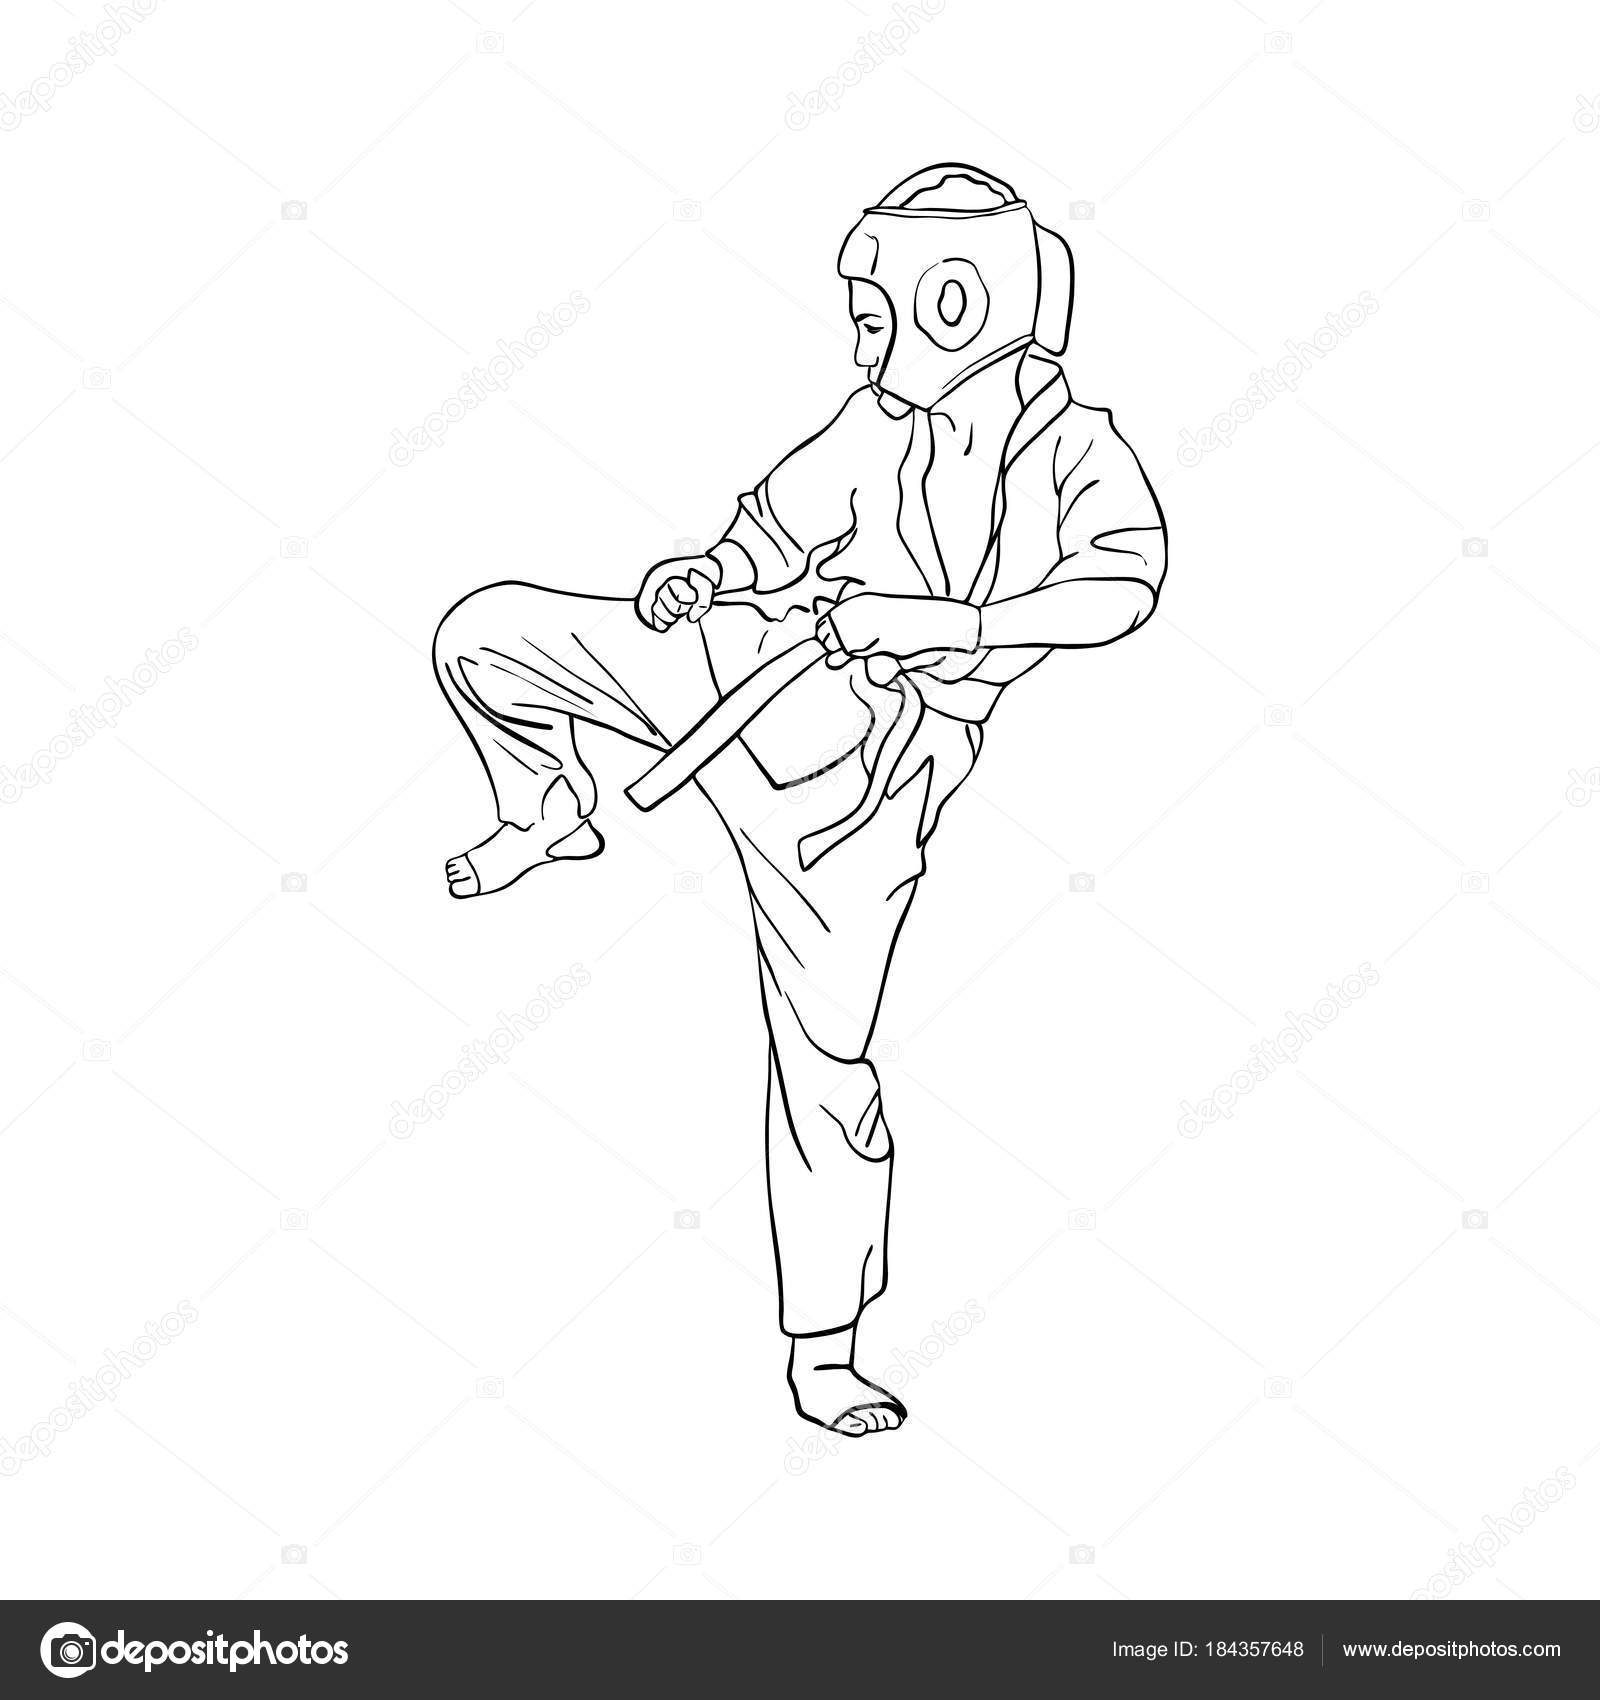 Junge Junge karate — Stockvektor © cat_arch_angel #184357648